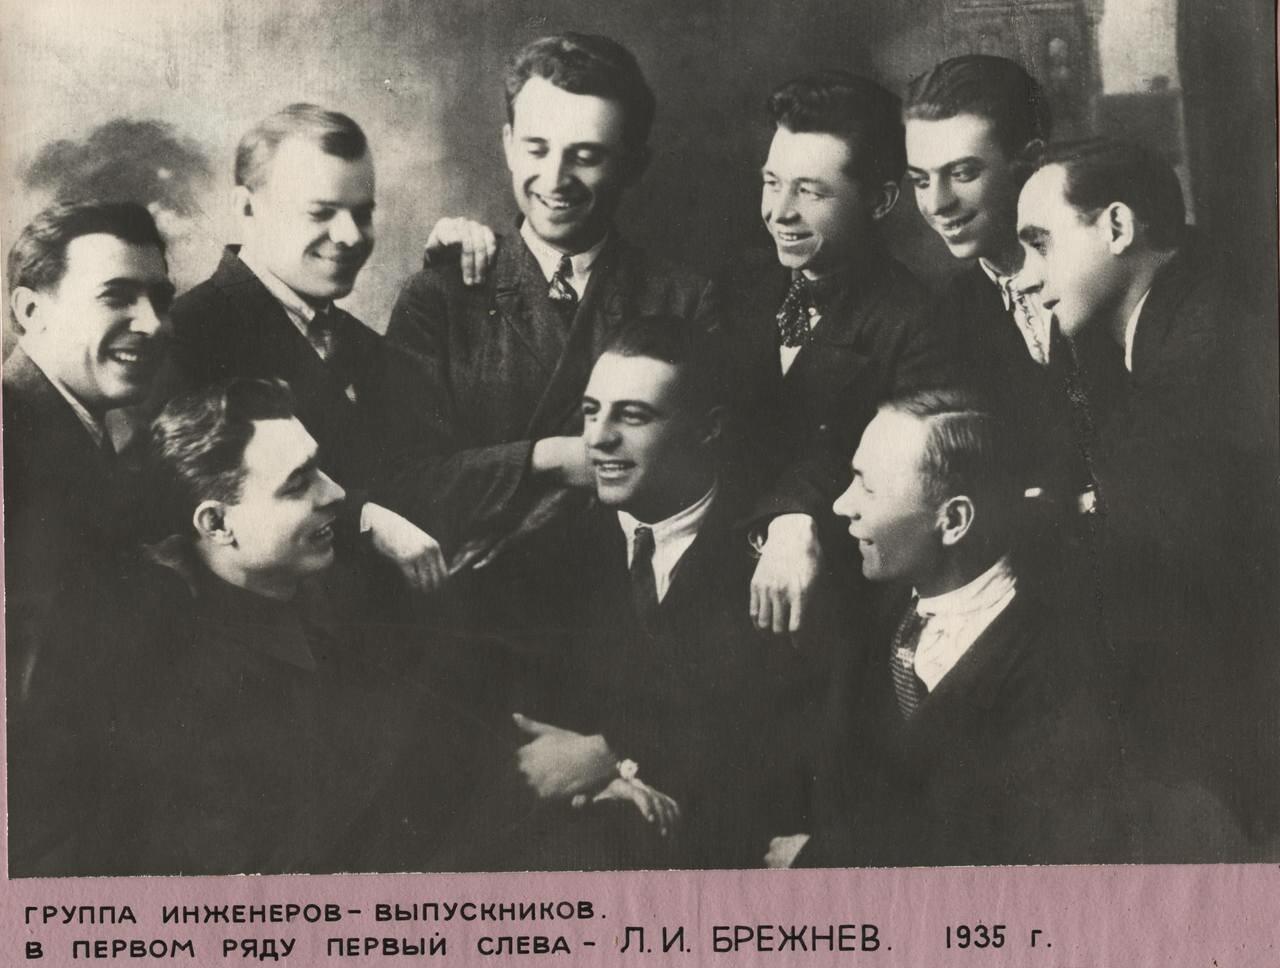 1935. Группа инженеров-выпускников. В первом ряду - Л.И.Брежнев